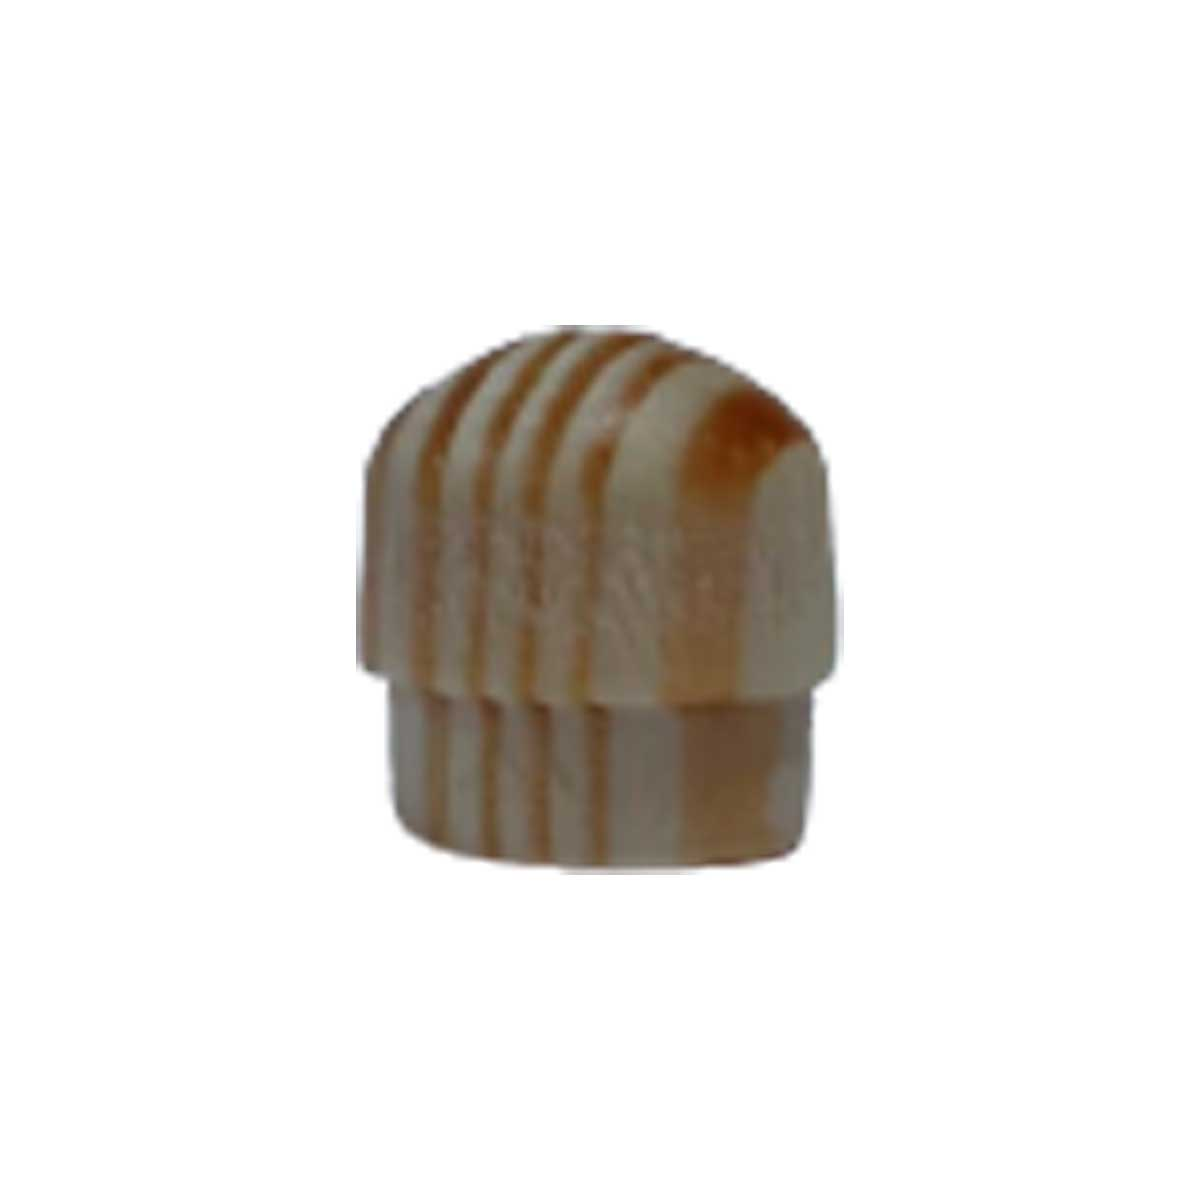 Puxador - Tapa Furo Pinus